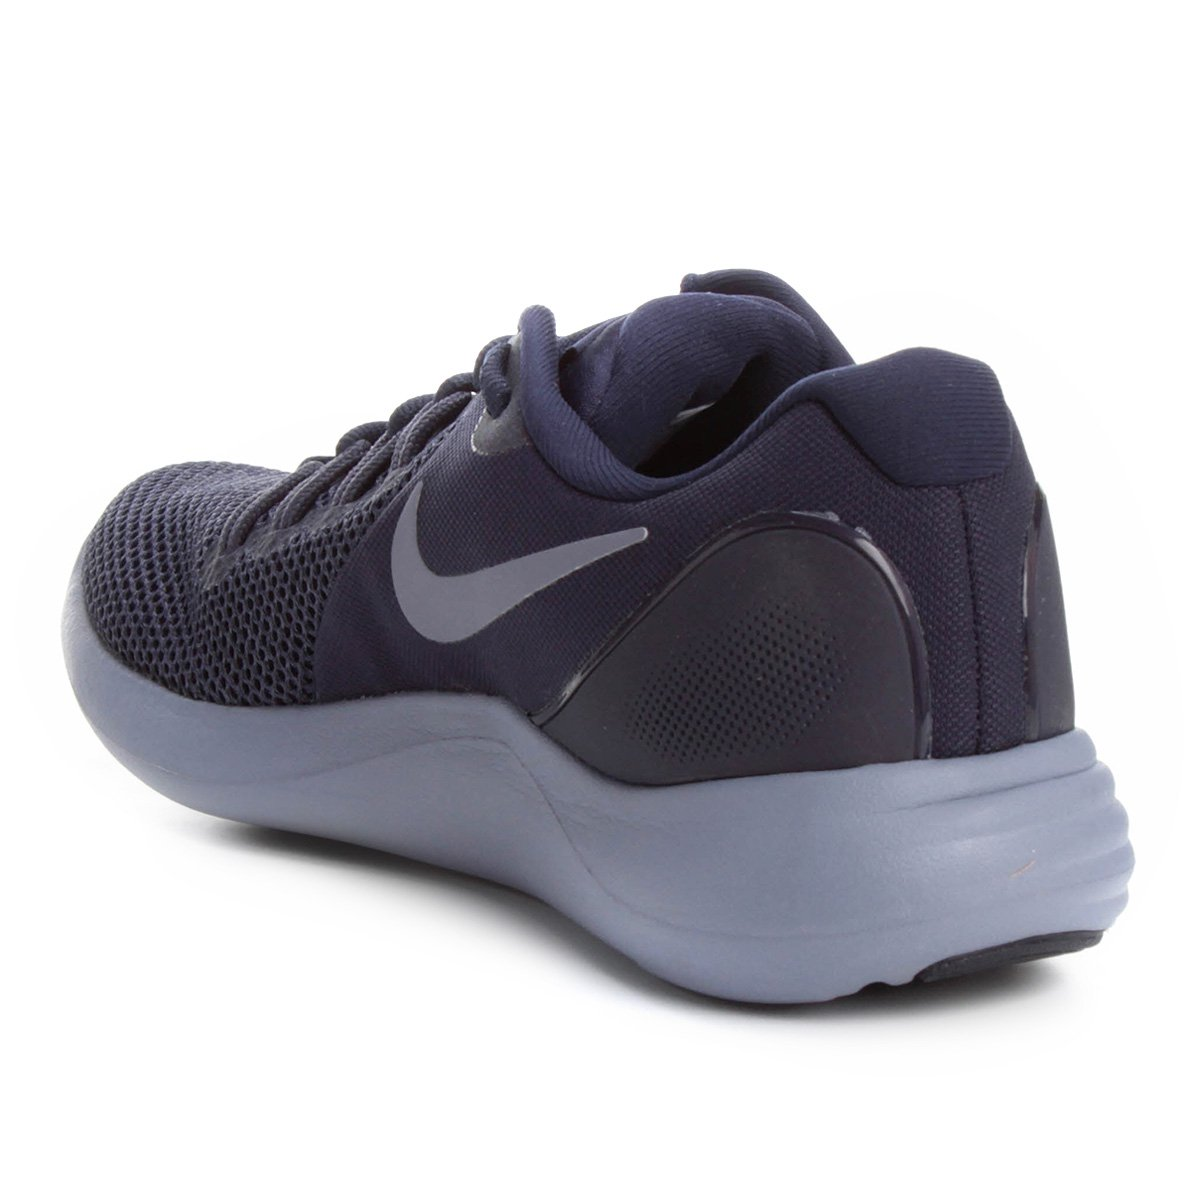 Apparent Lunar Apparent Masculino Tênis Tênis Marinho Tênis Nike Marinho Masculino Lunar Nike ztwTqX